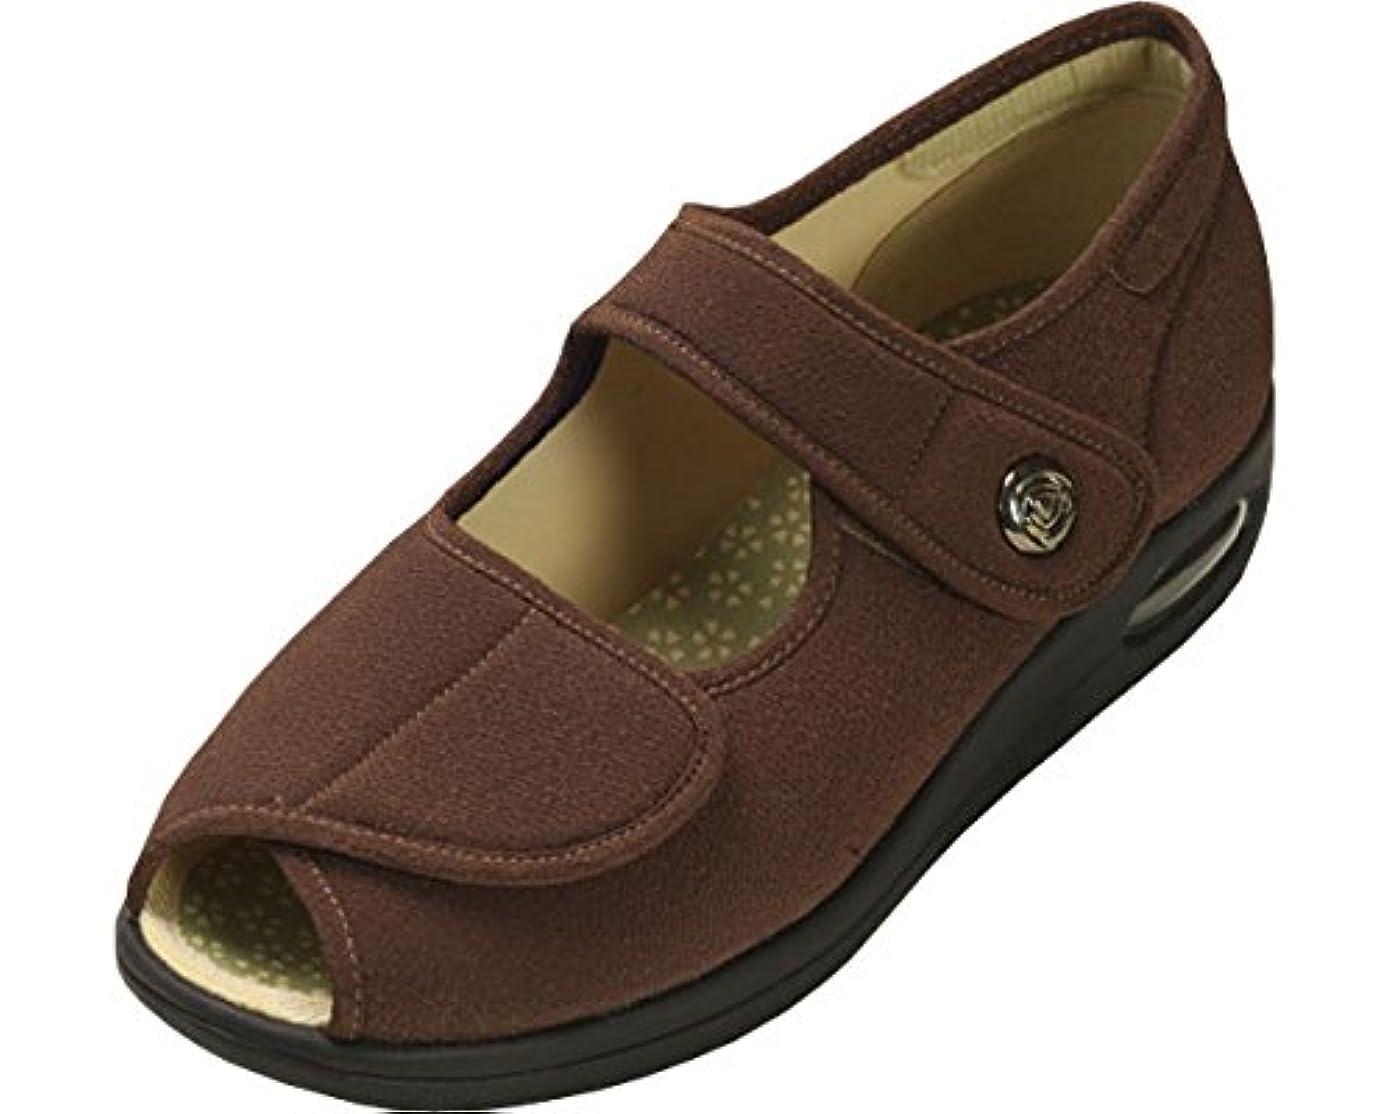 彩彩~ちりめん~ 両足 婦人用 21.5cm ブラウン W1103 (マリアンヌ製靴) (シューズ)(返品不可)